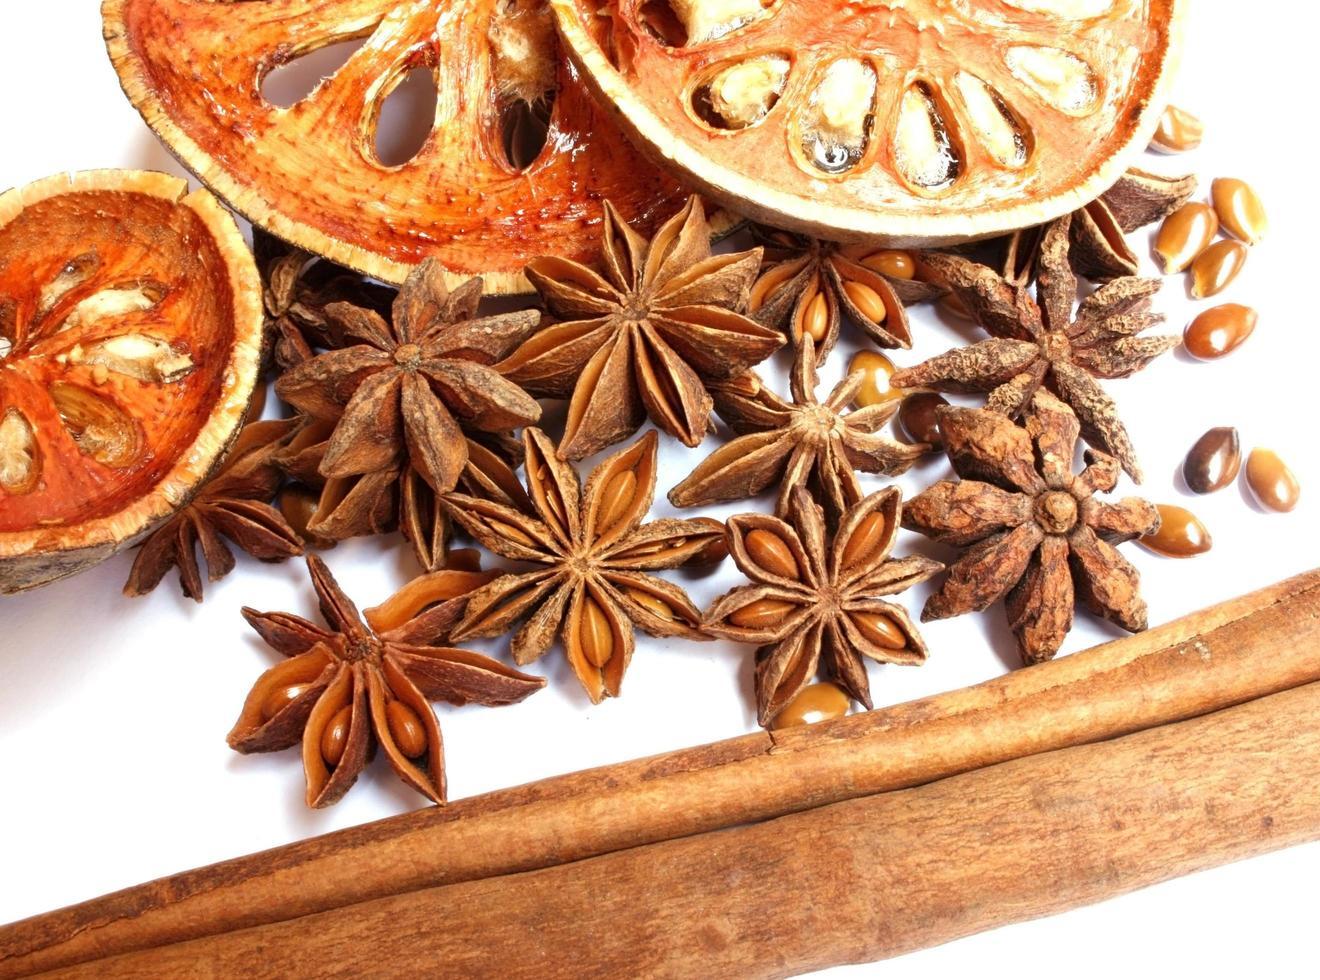 bastoncini di cannella, anice stellato e mele cotogne essiccate su bianco foto